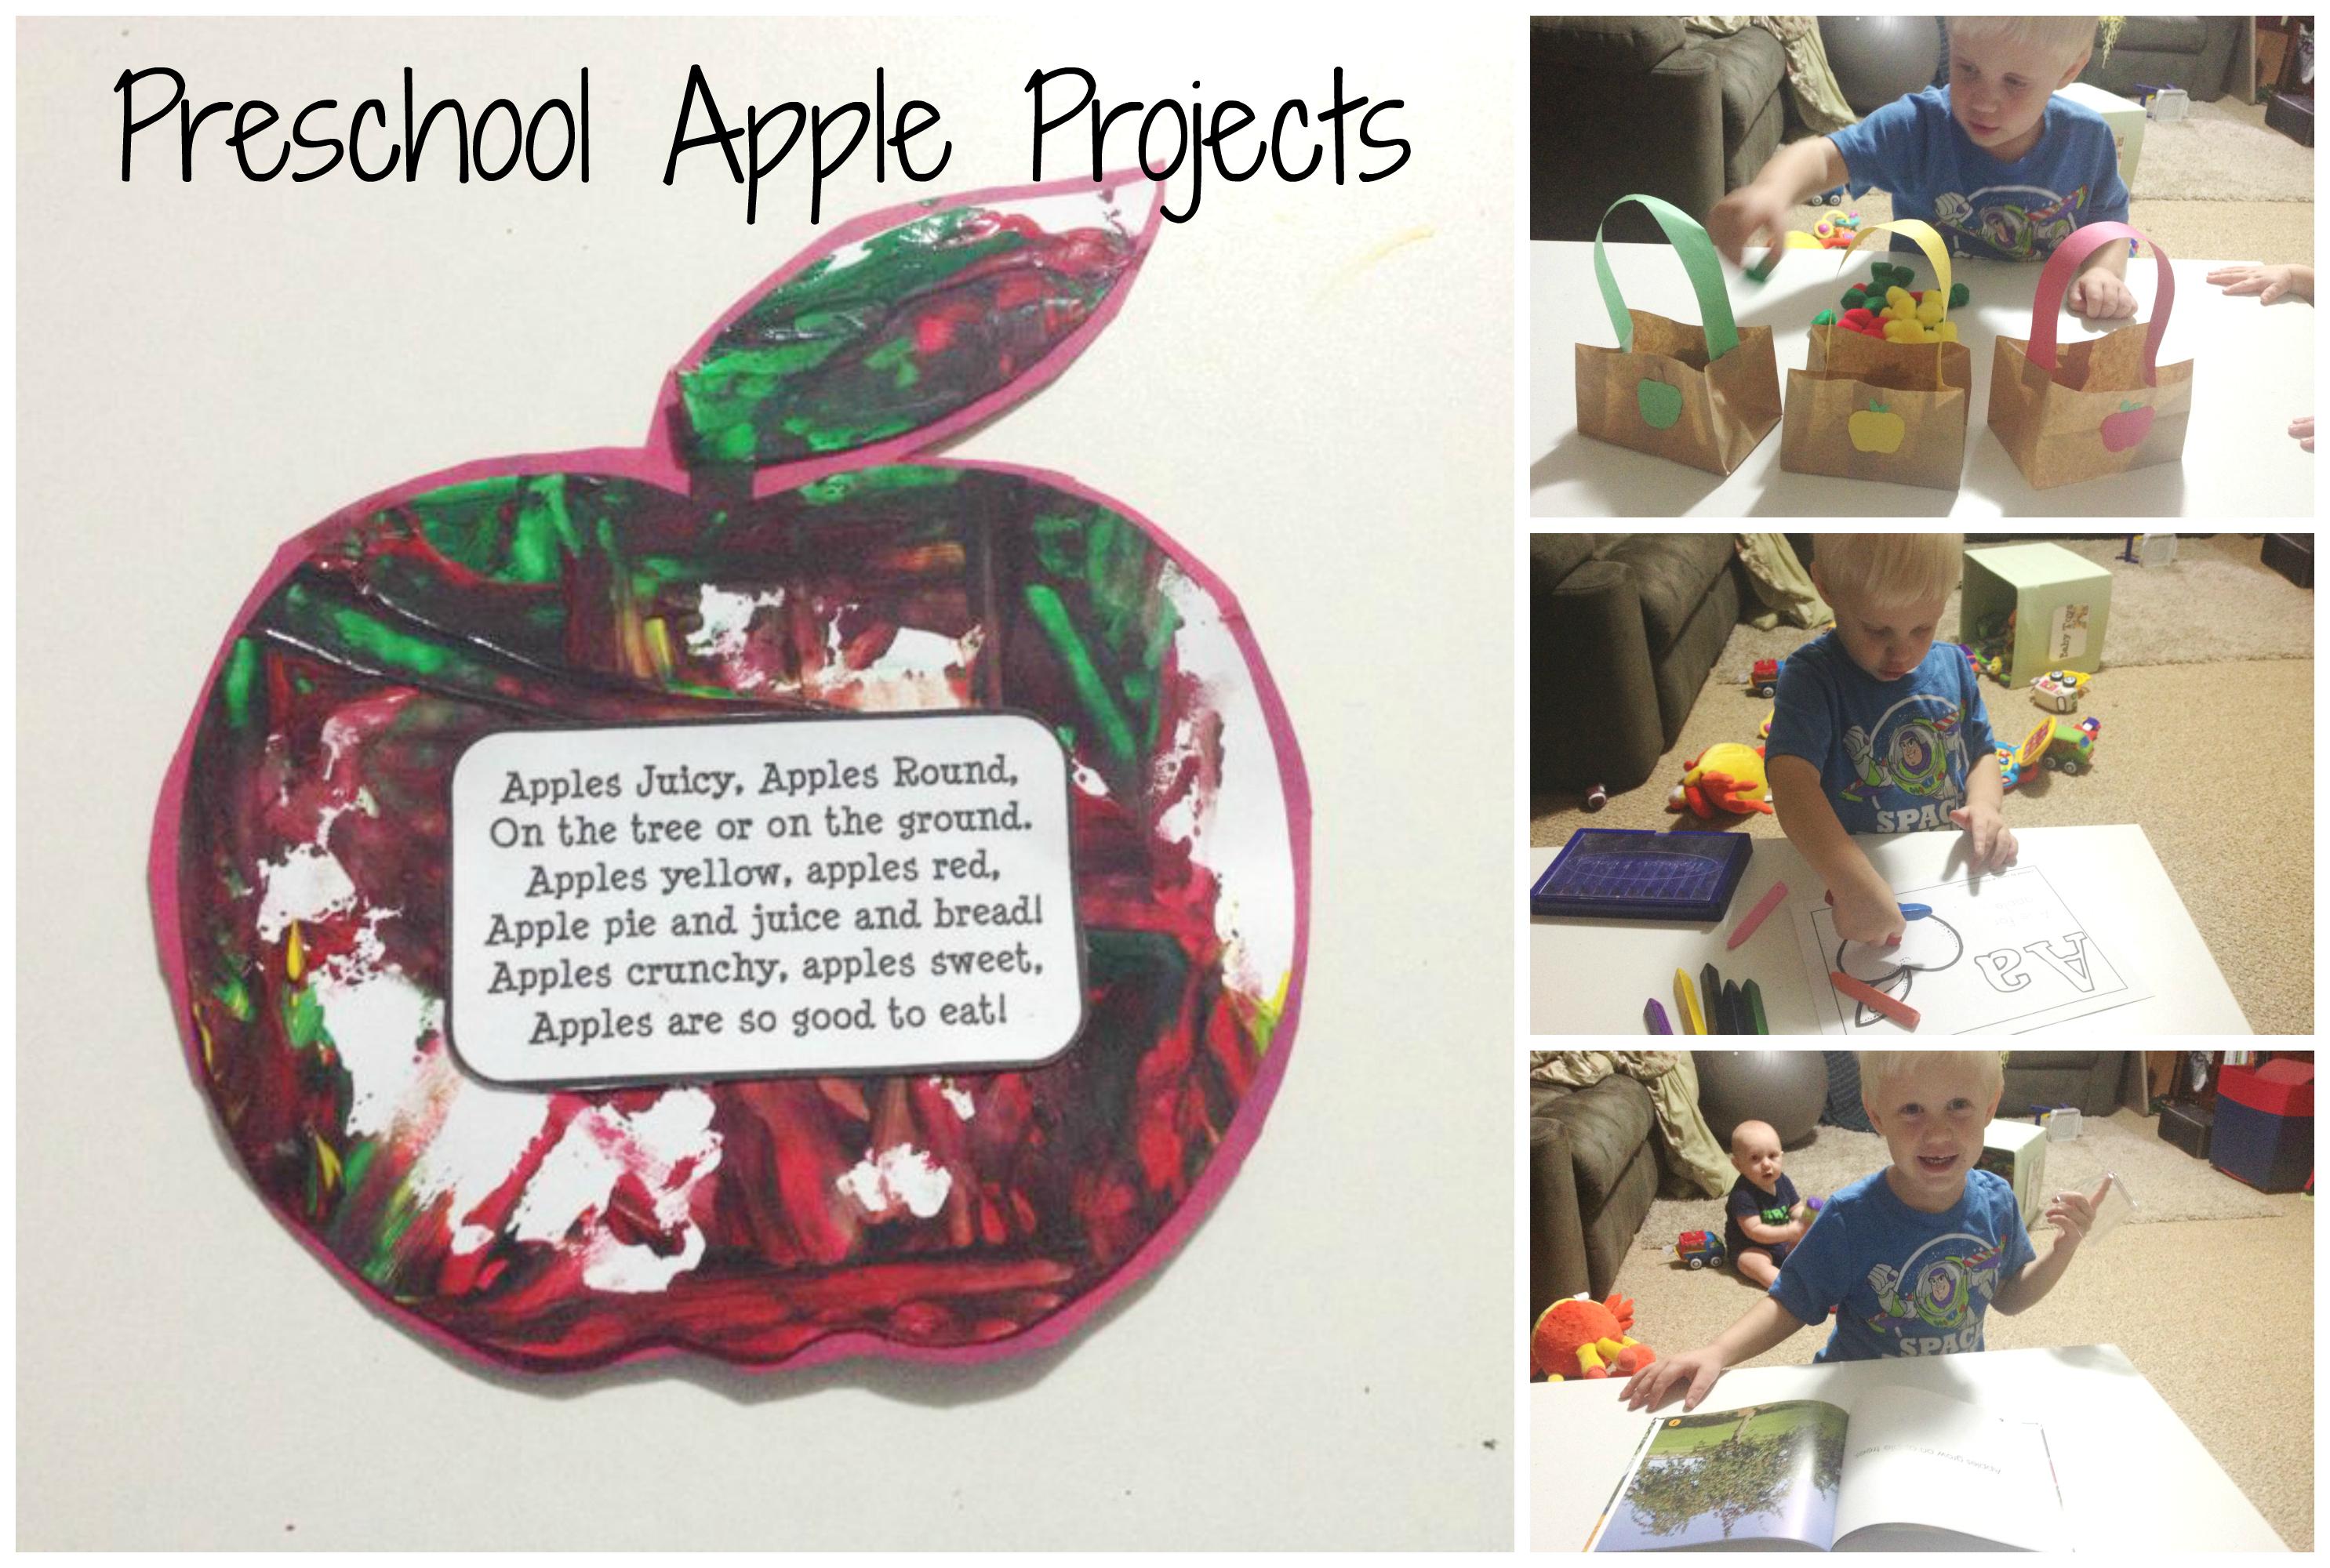 Preschool Apple Projects